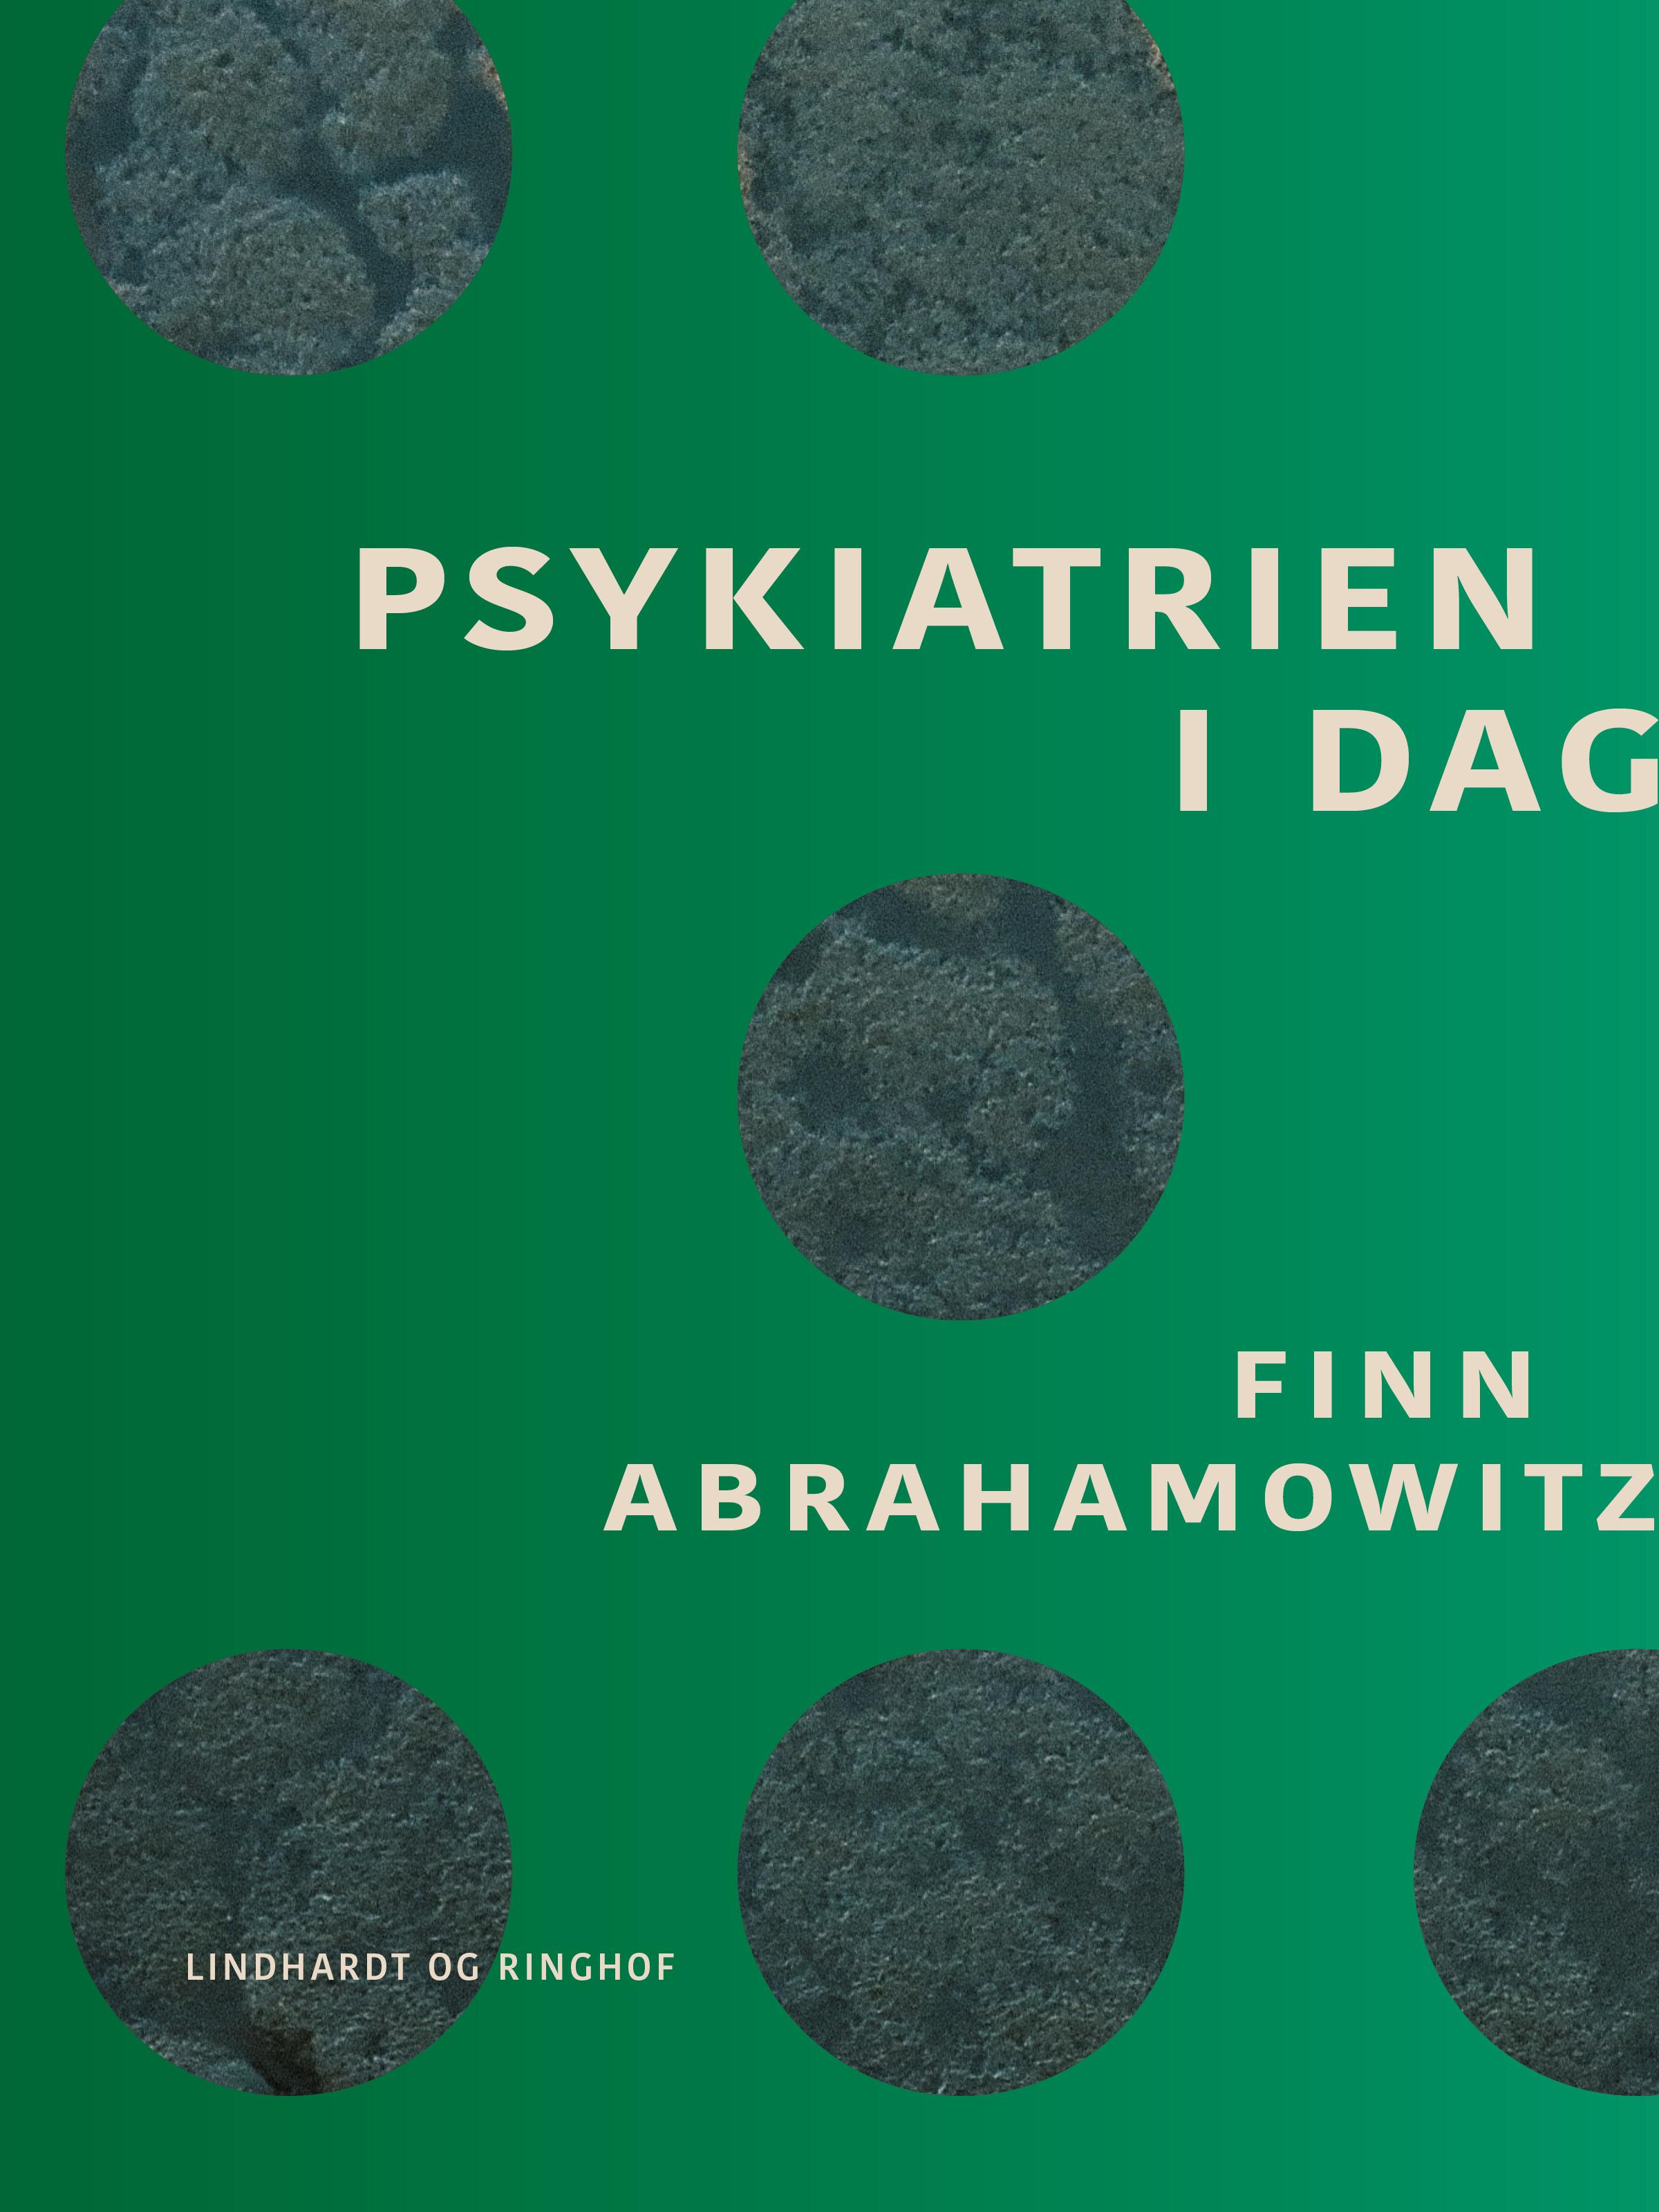 N/A Psykiatrien i dag - e-bog fra bog & mystik